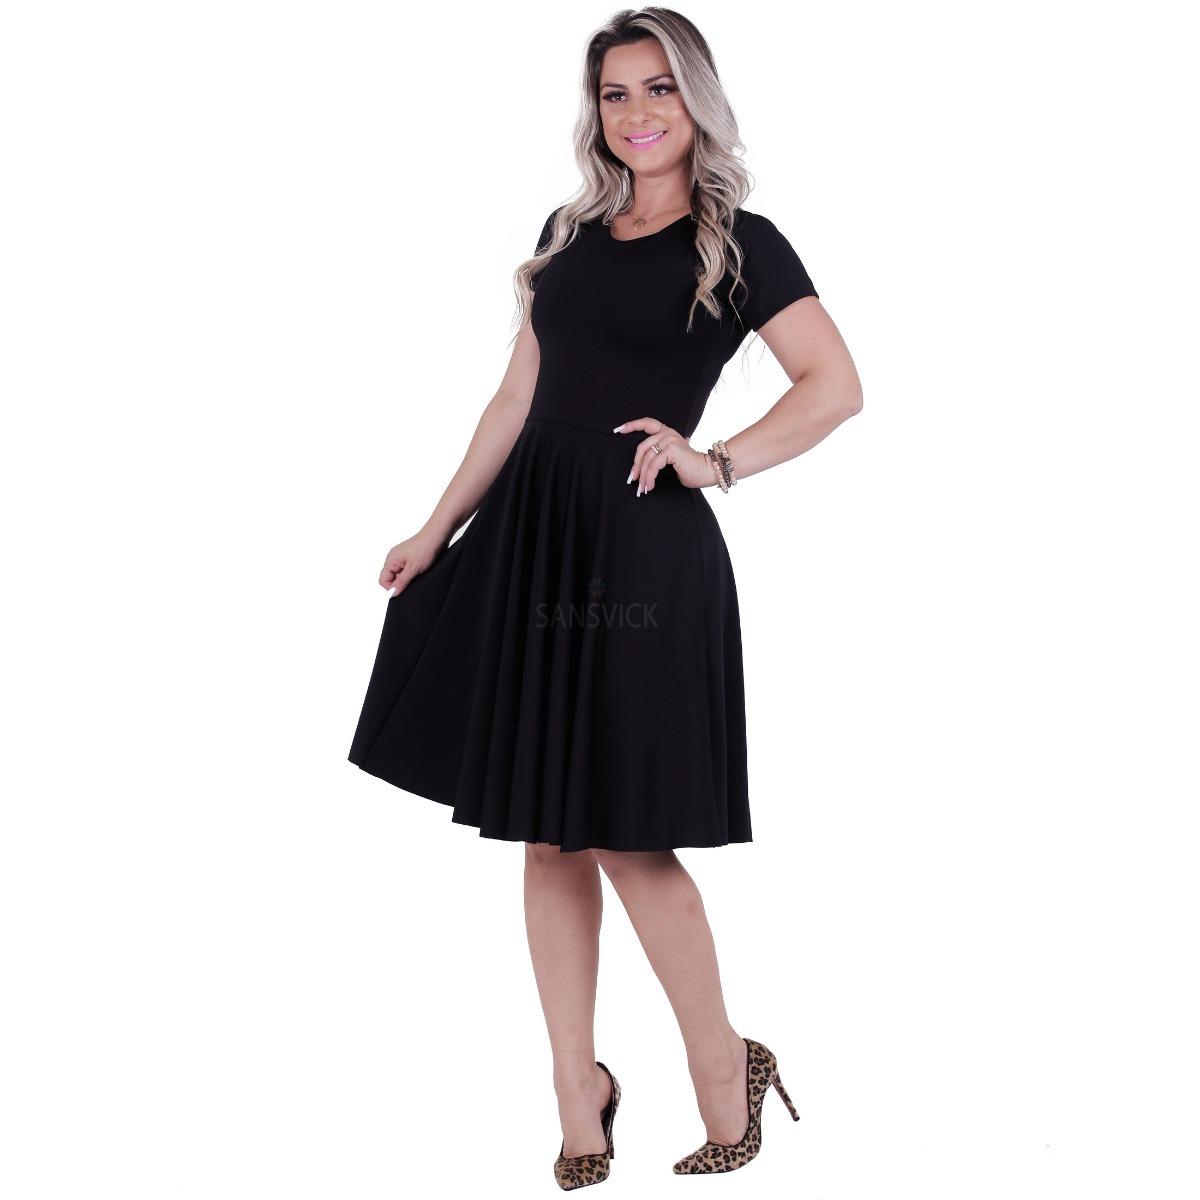 cbefb34647 kit 2 vestidos rodado godê moda evangélica lançamento 2019. Carregando zoom.